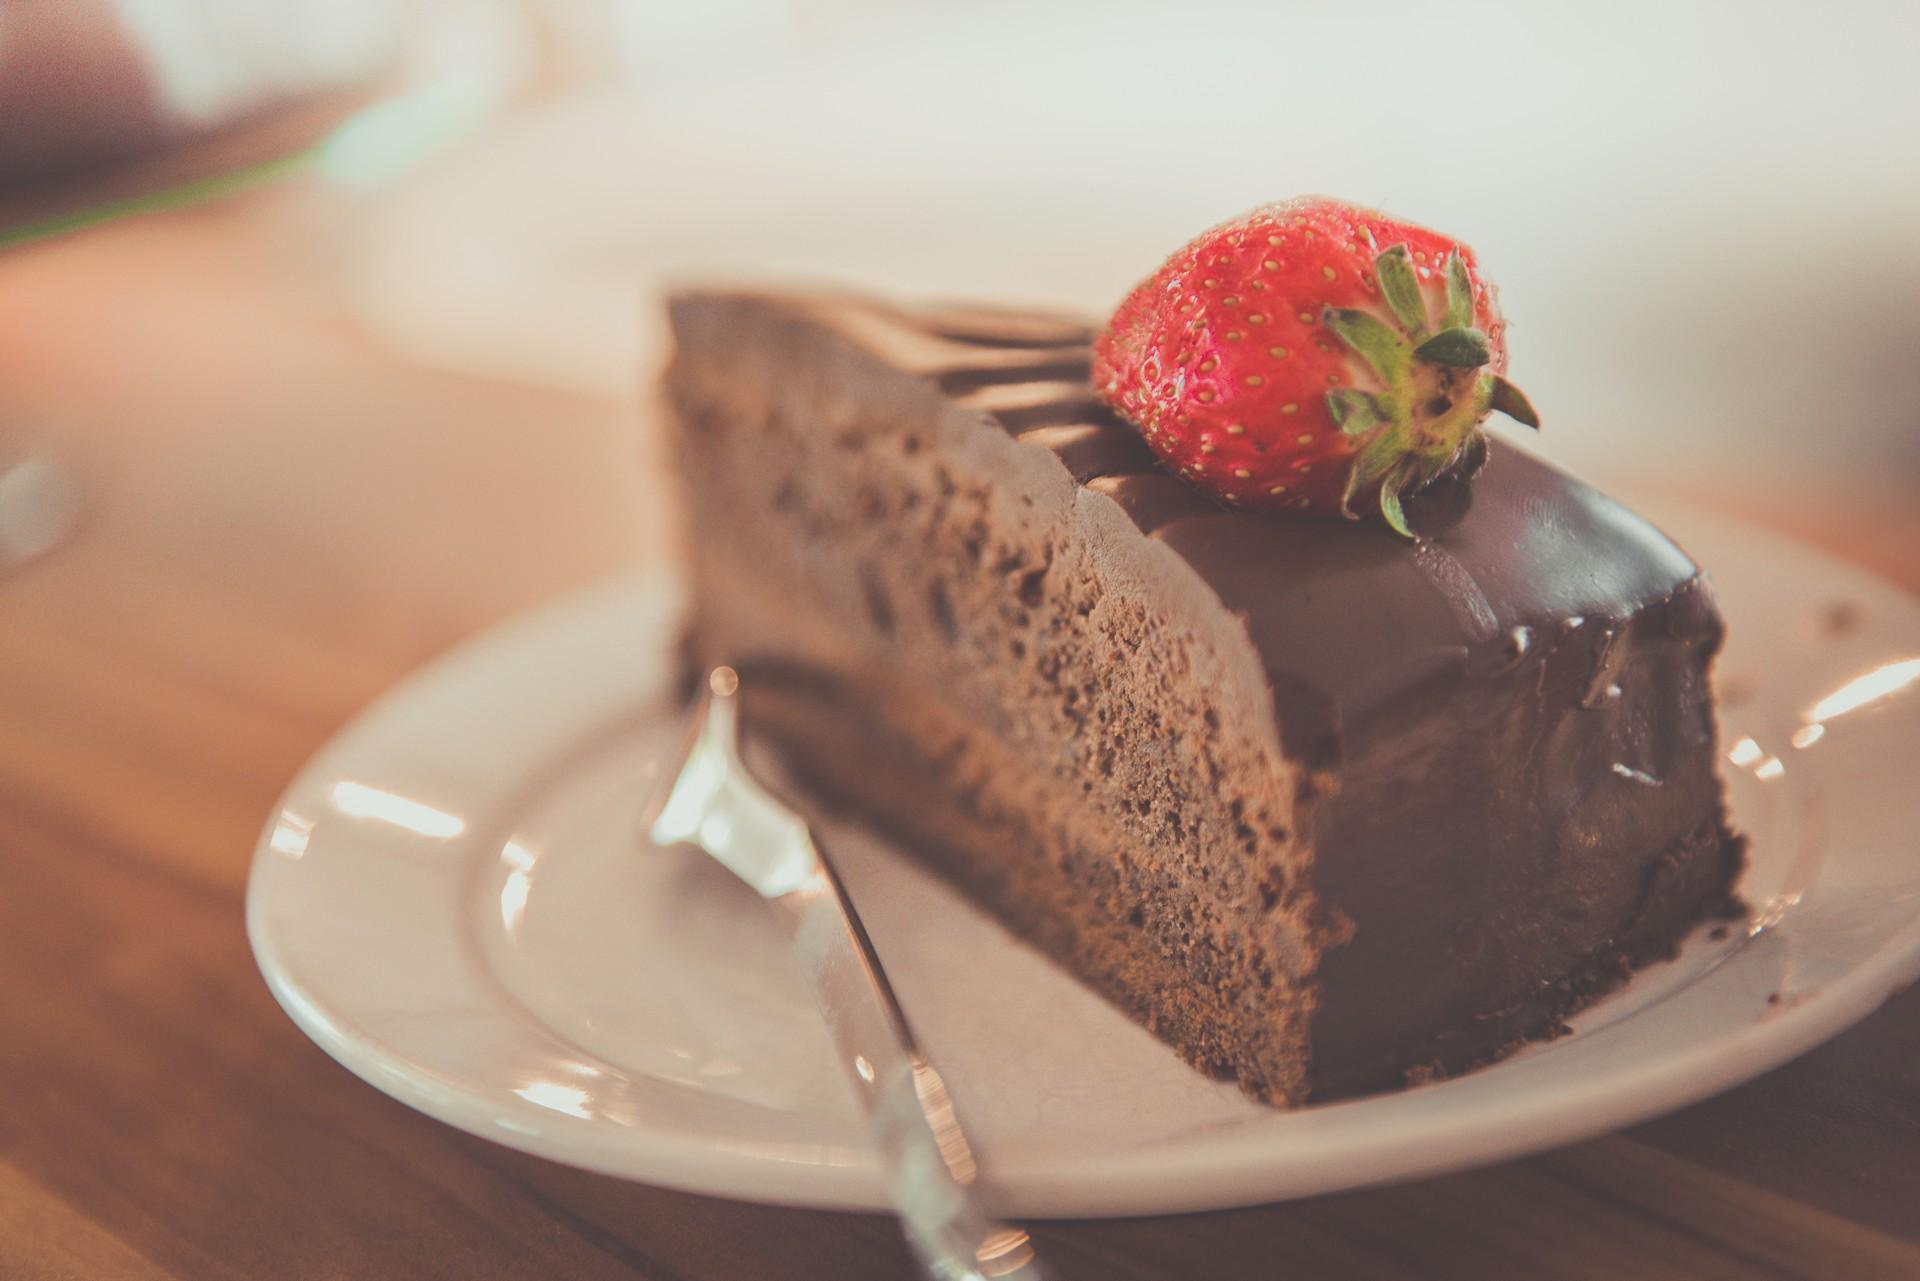 Moučníky / Desserts